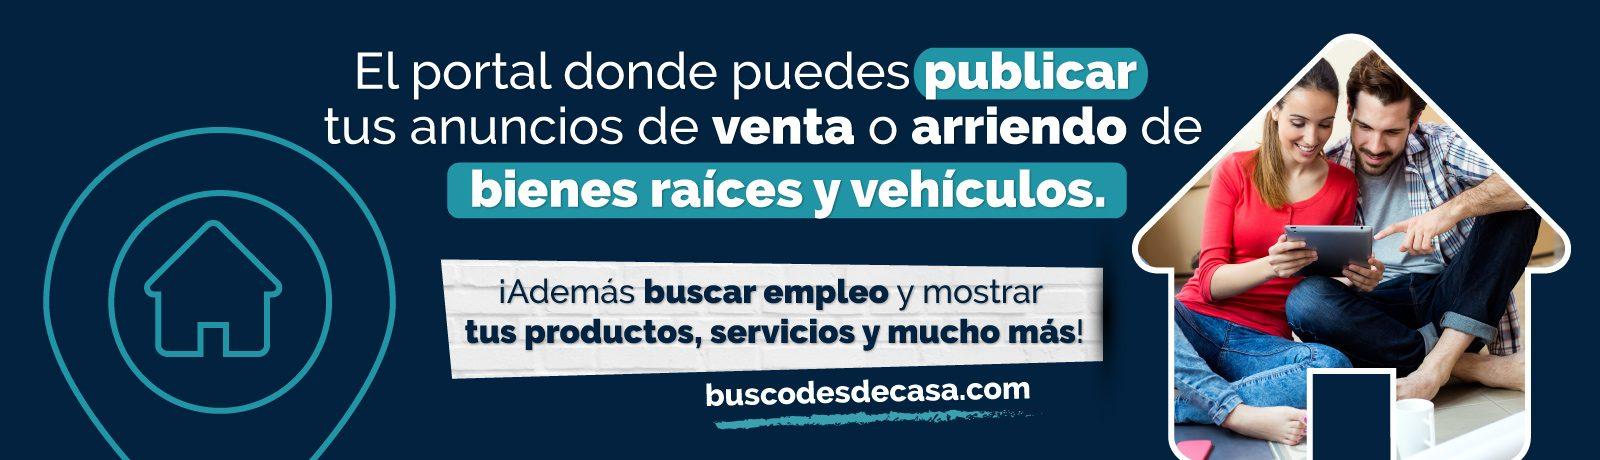 buscodesdecasa.com